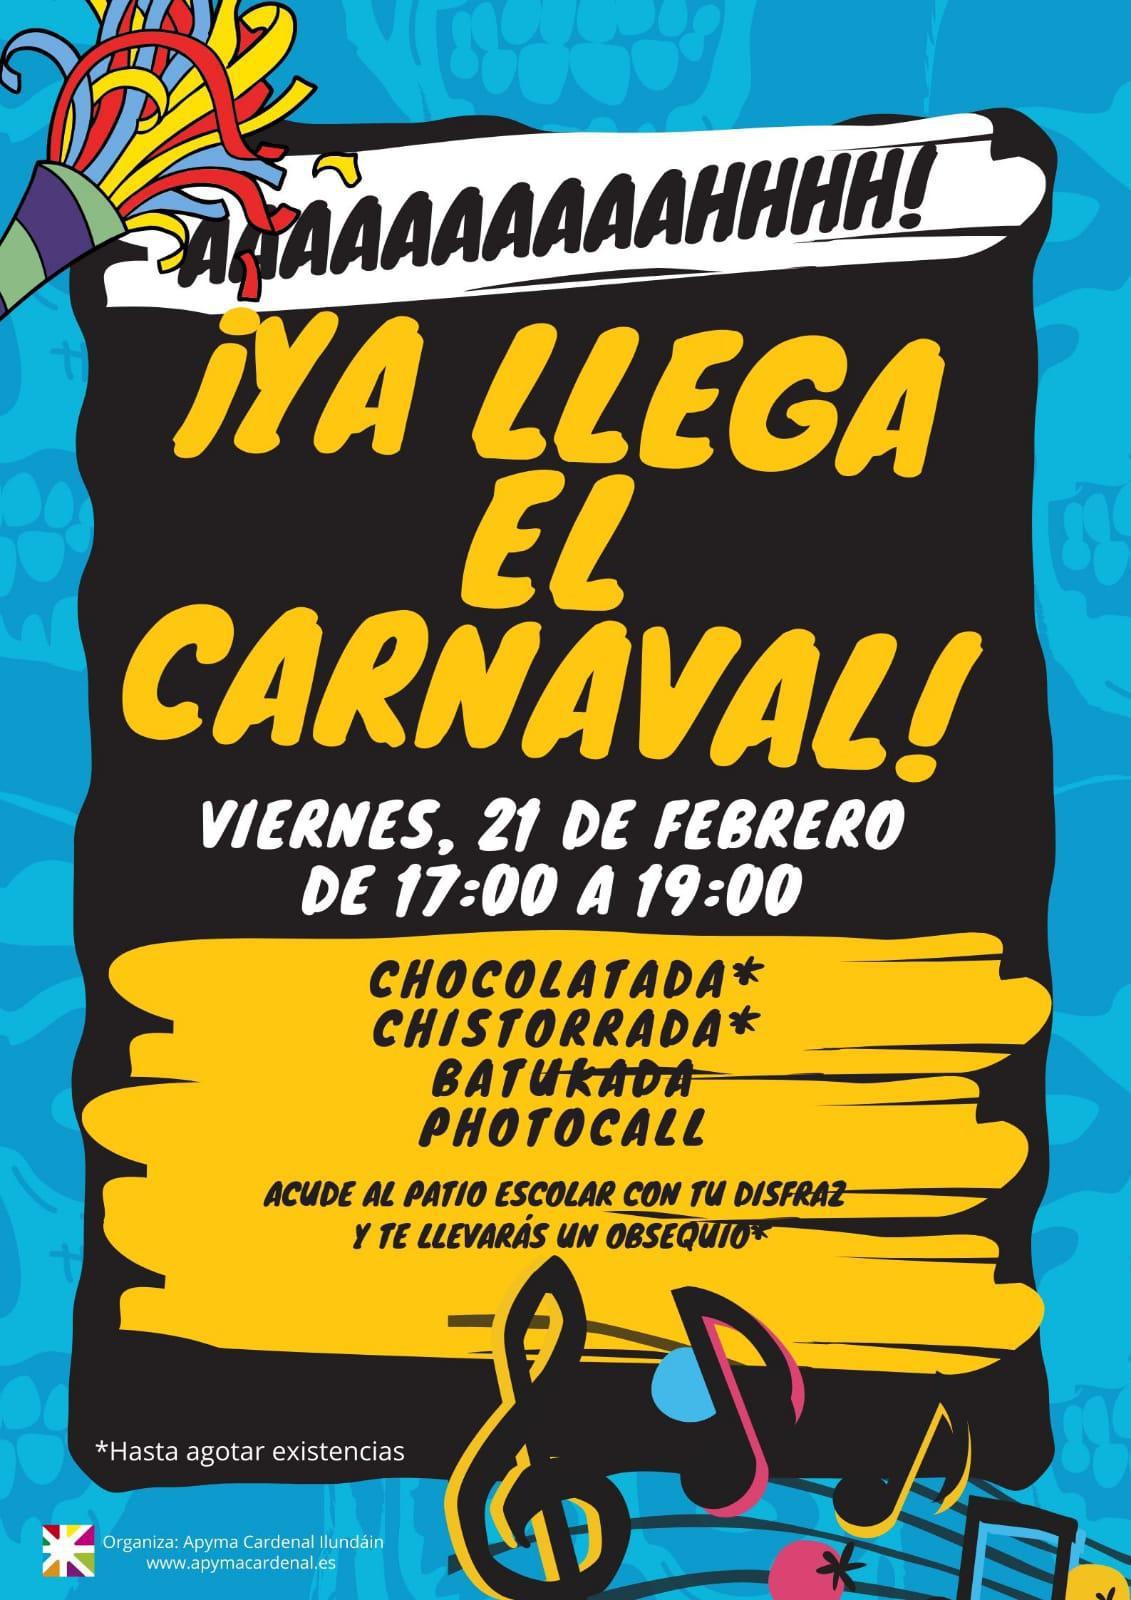 ¡Ya llega el carnaval!